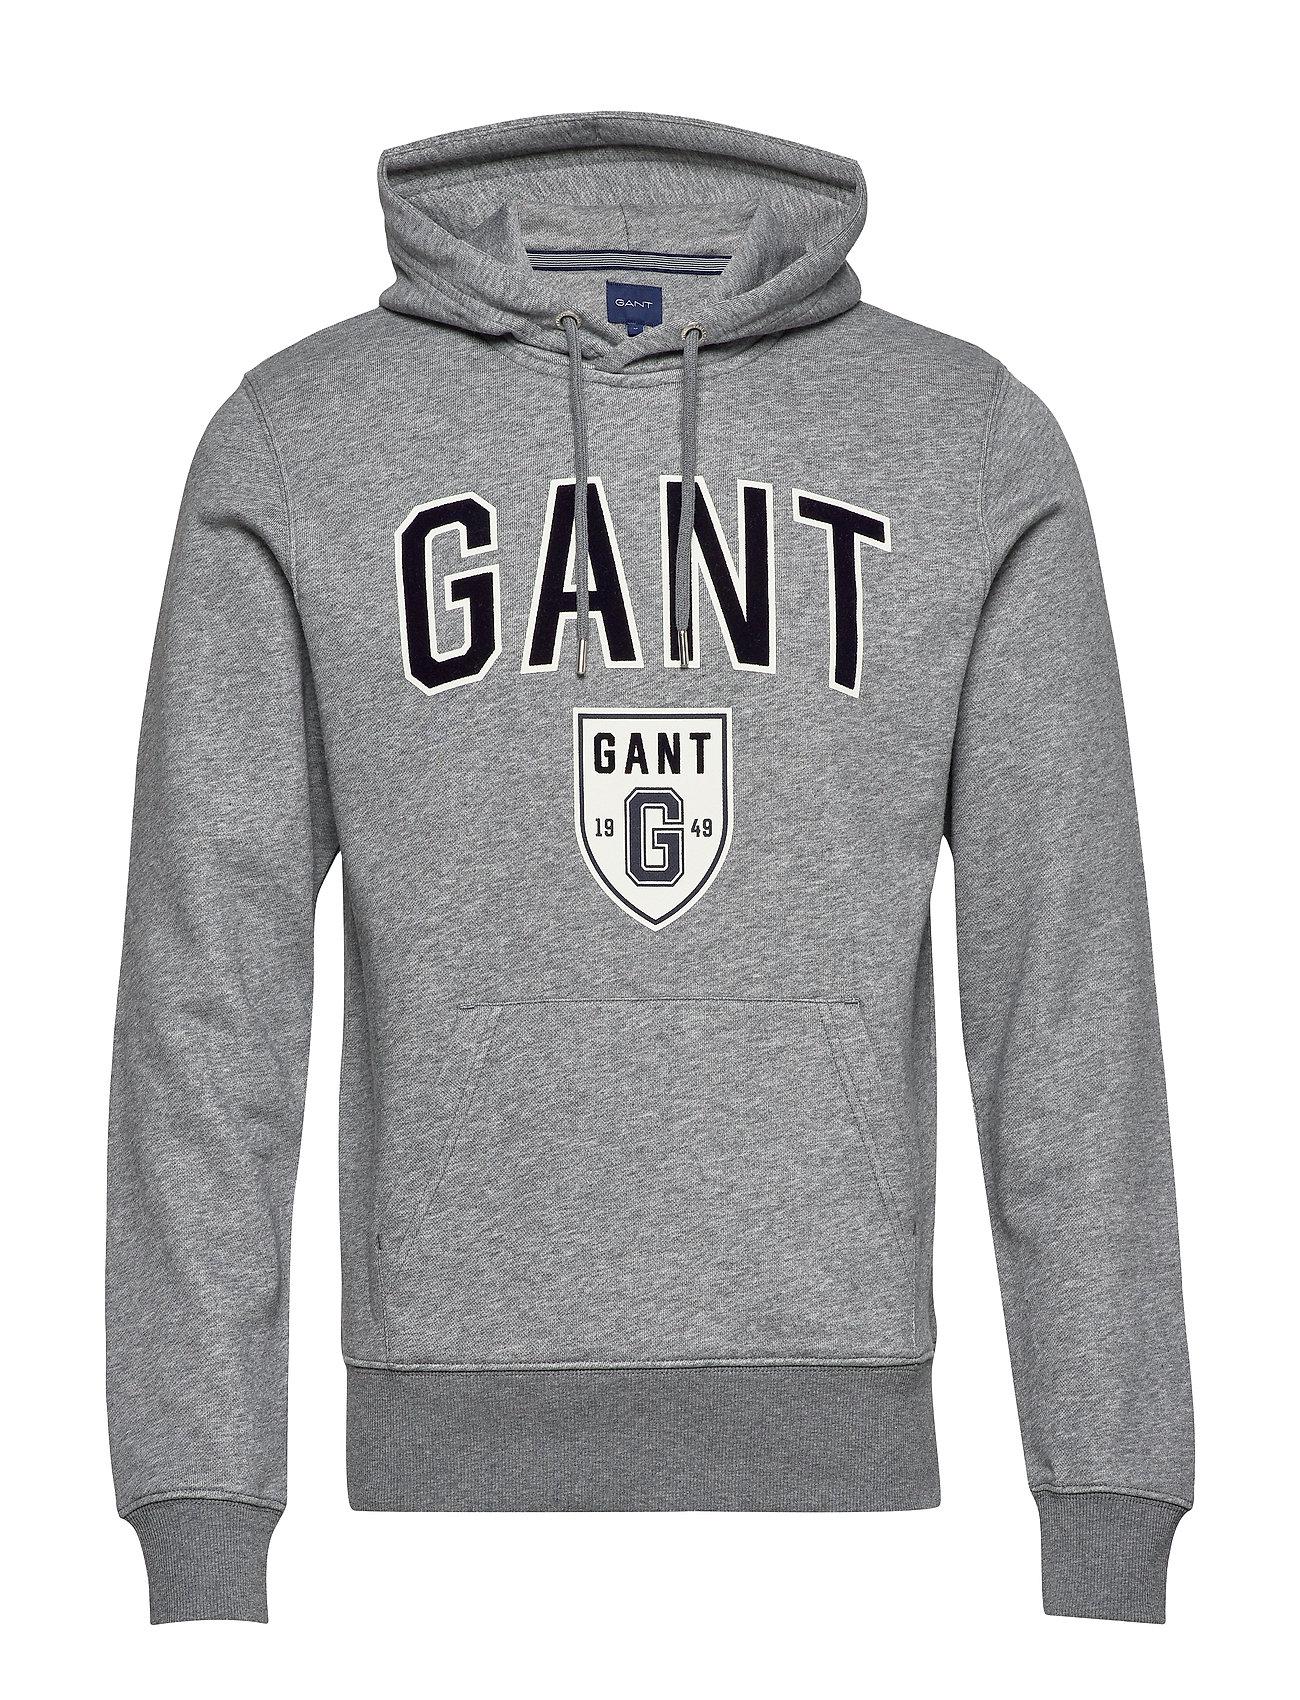 GANT D2. GIFT GIVING SWEAT HODDIE - DARK GREY MELANGE